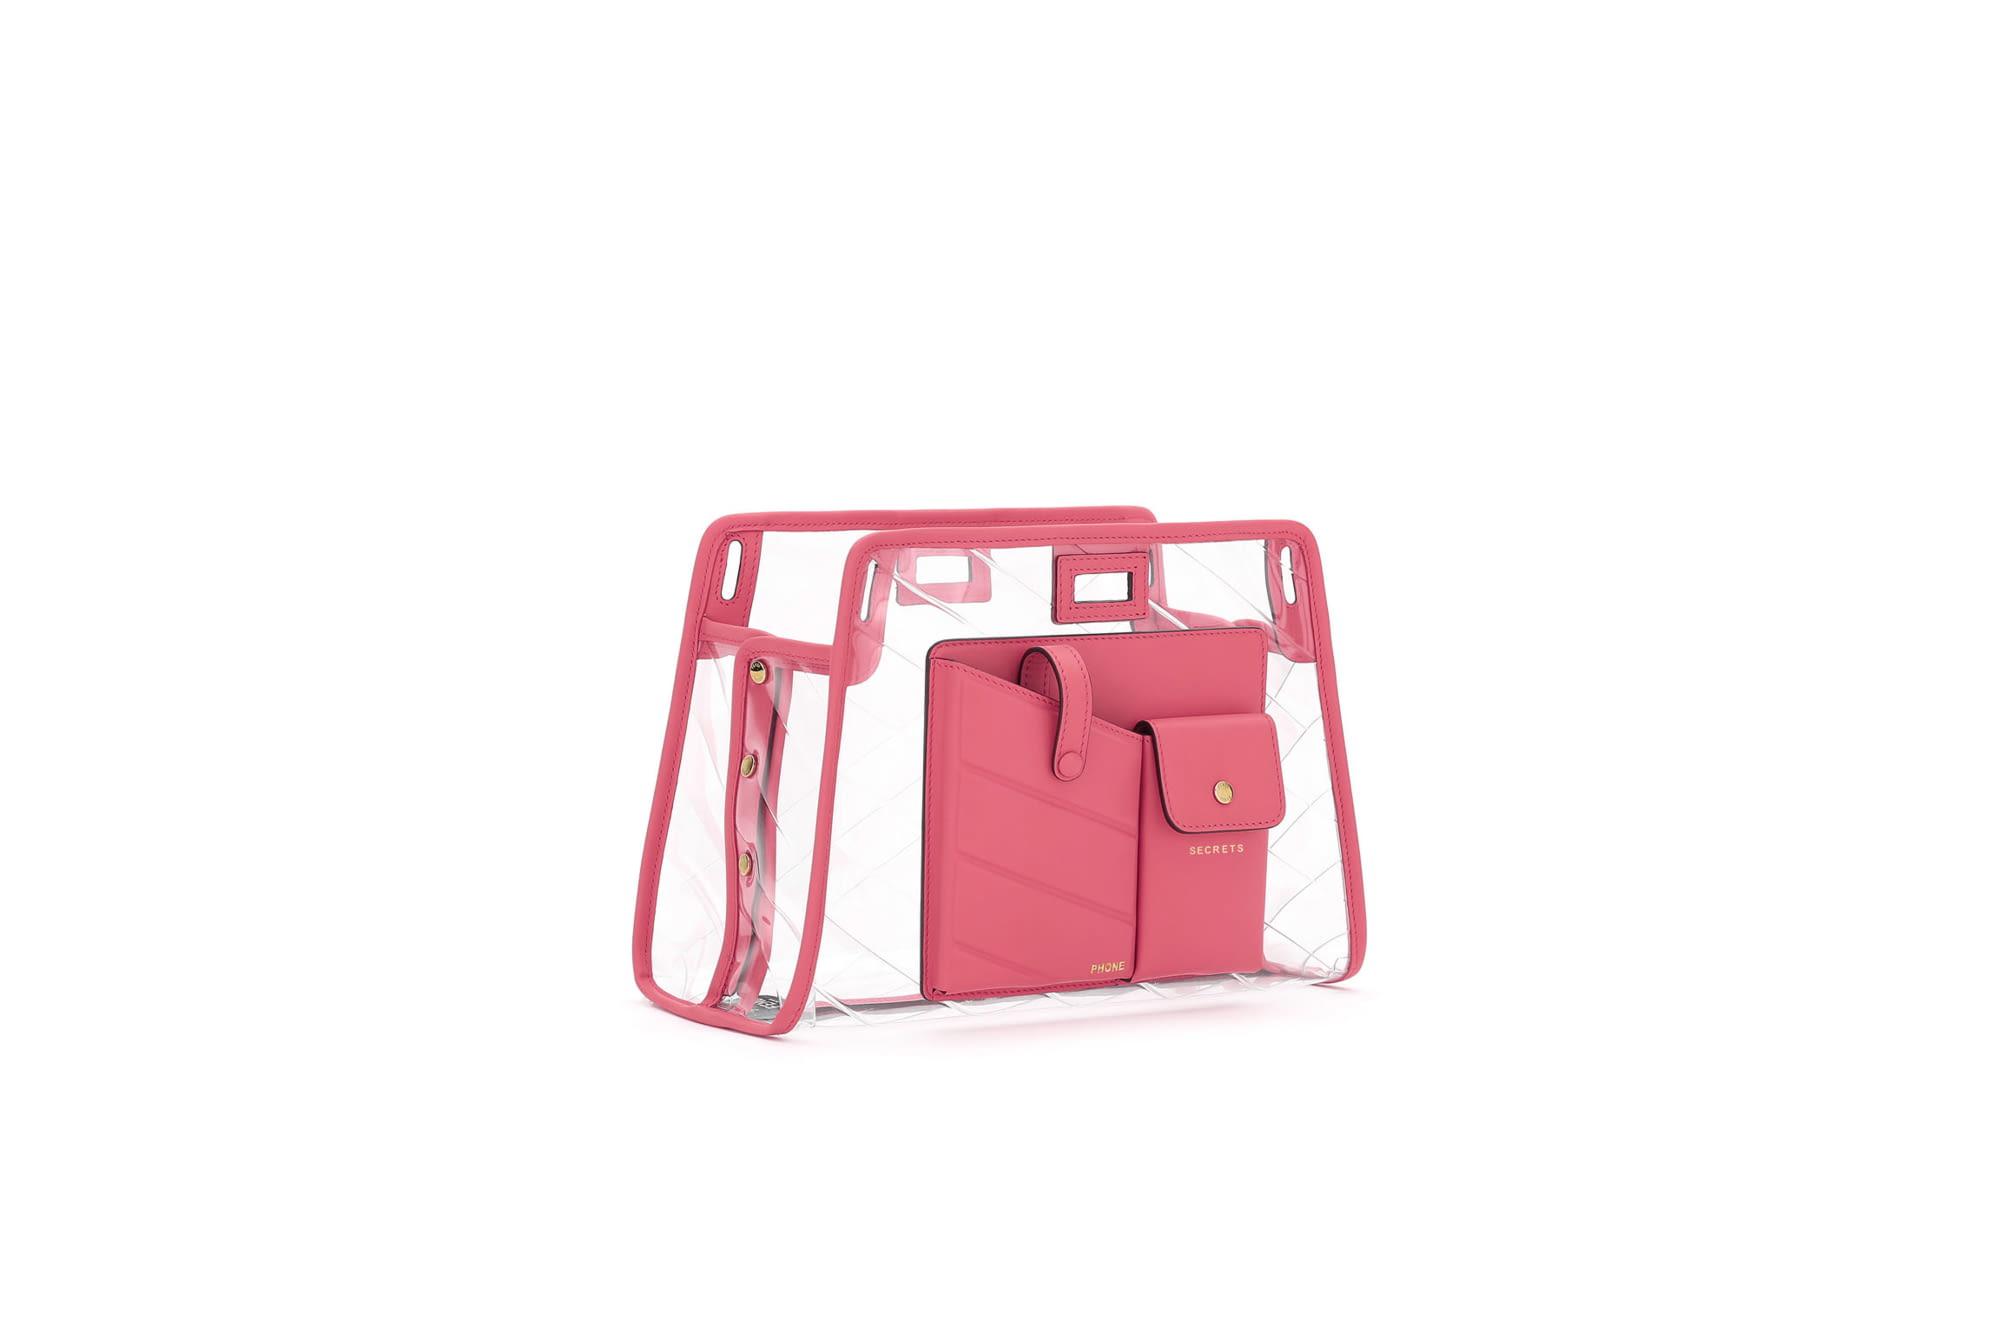 Delicato Colore Viola Pallido fendi s/s19 womenswear accessories #5 - the fashion search